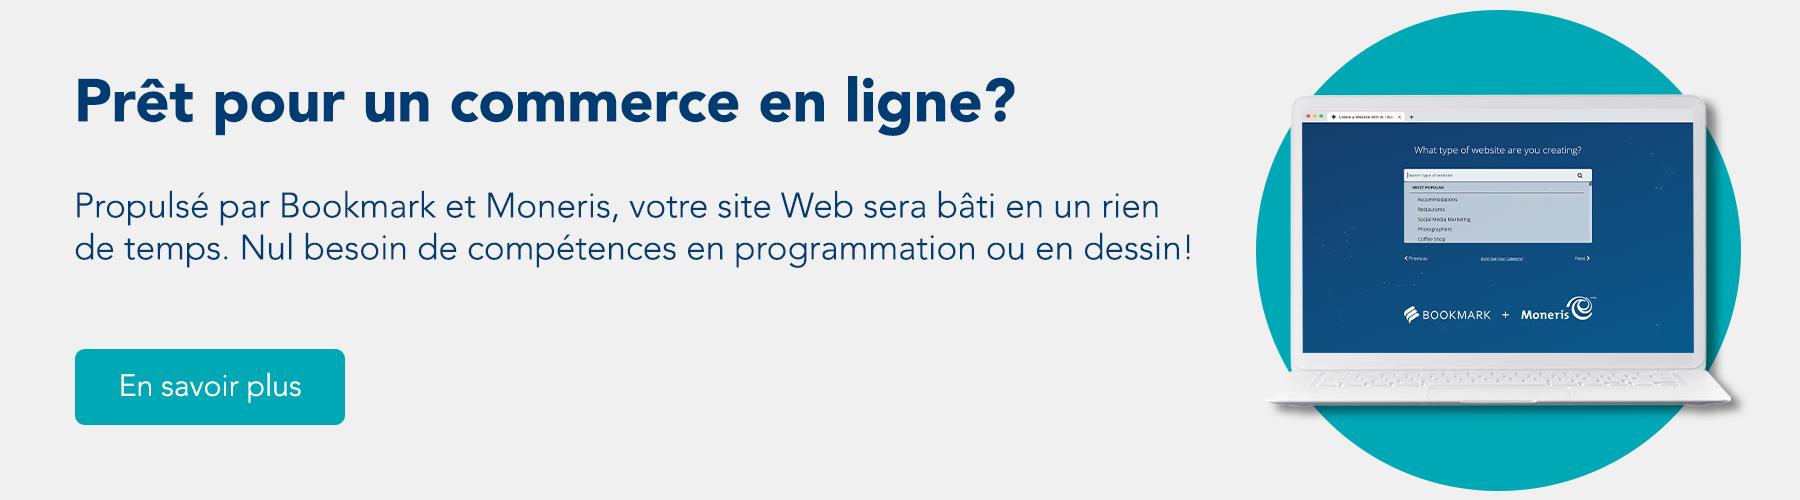 Prêt pour un commerce en ligne? Propulsé par Bookmark et Moneris Online, votre site Web sera bâti en un rien de temps. Nul besoin de compétences en programmation ou en dessin!